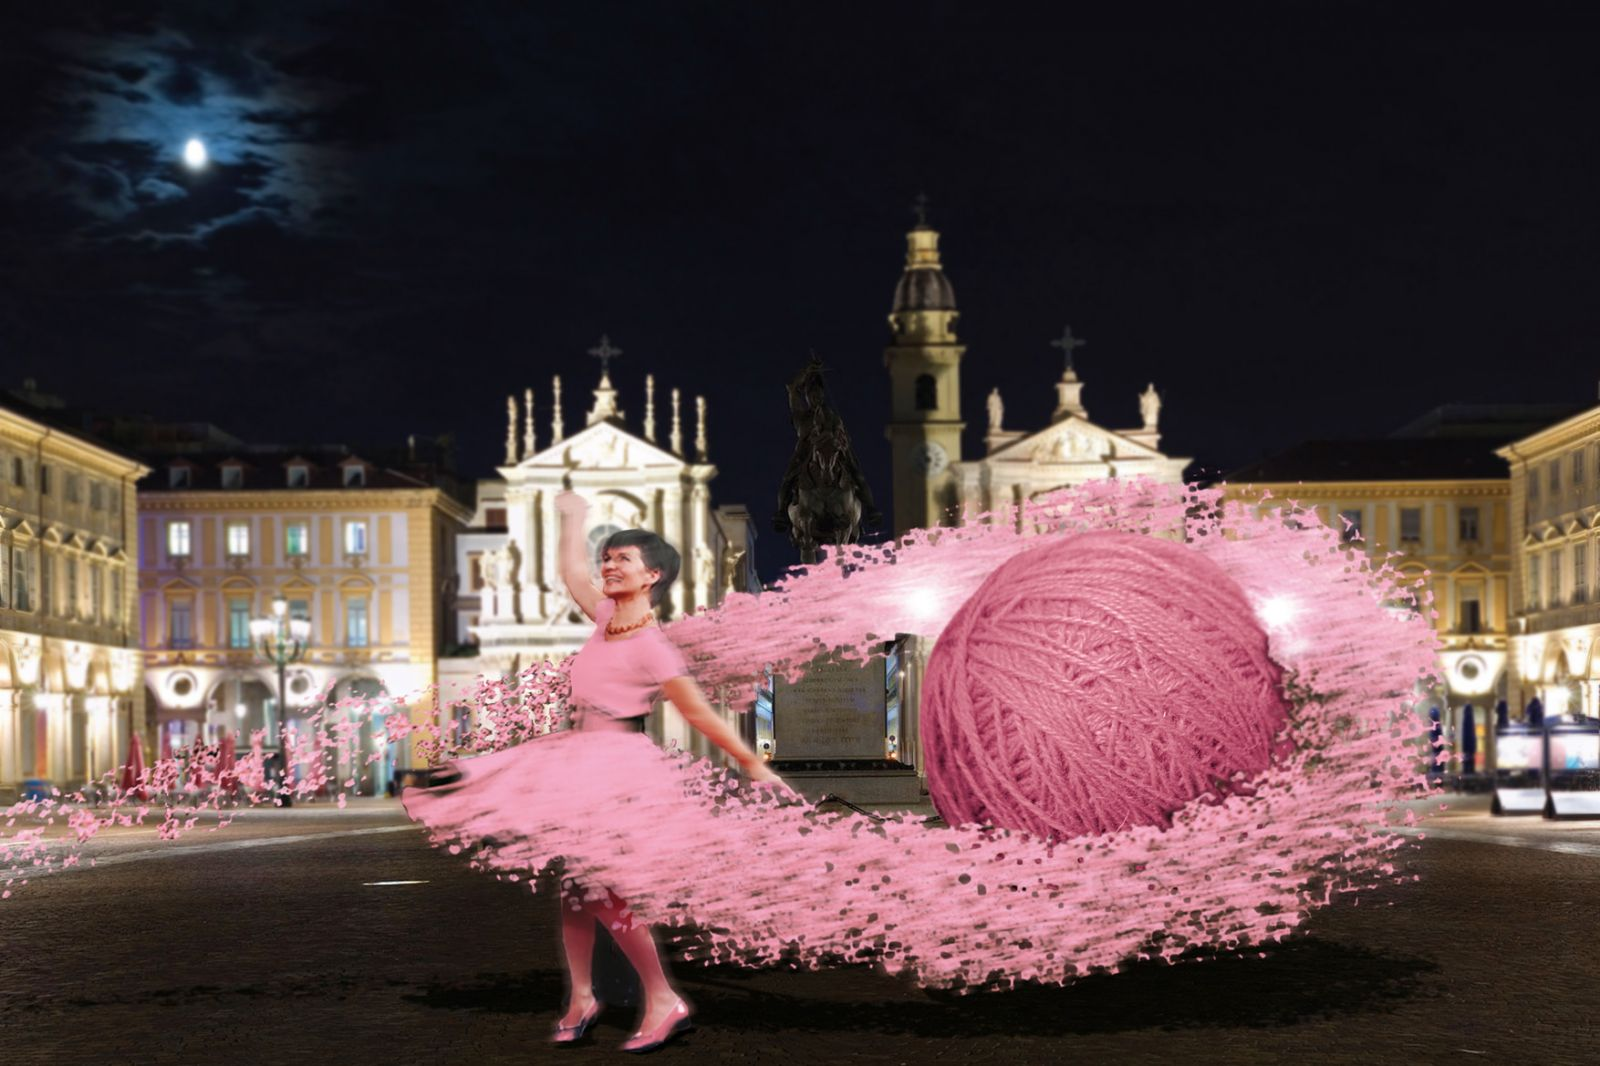 Ottobre rosa torino 01 10 2013 for Rosa dei mobili torino